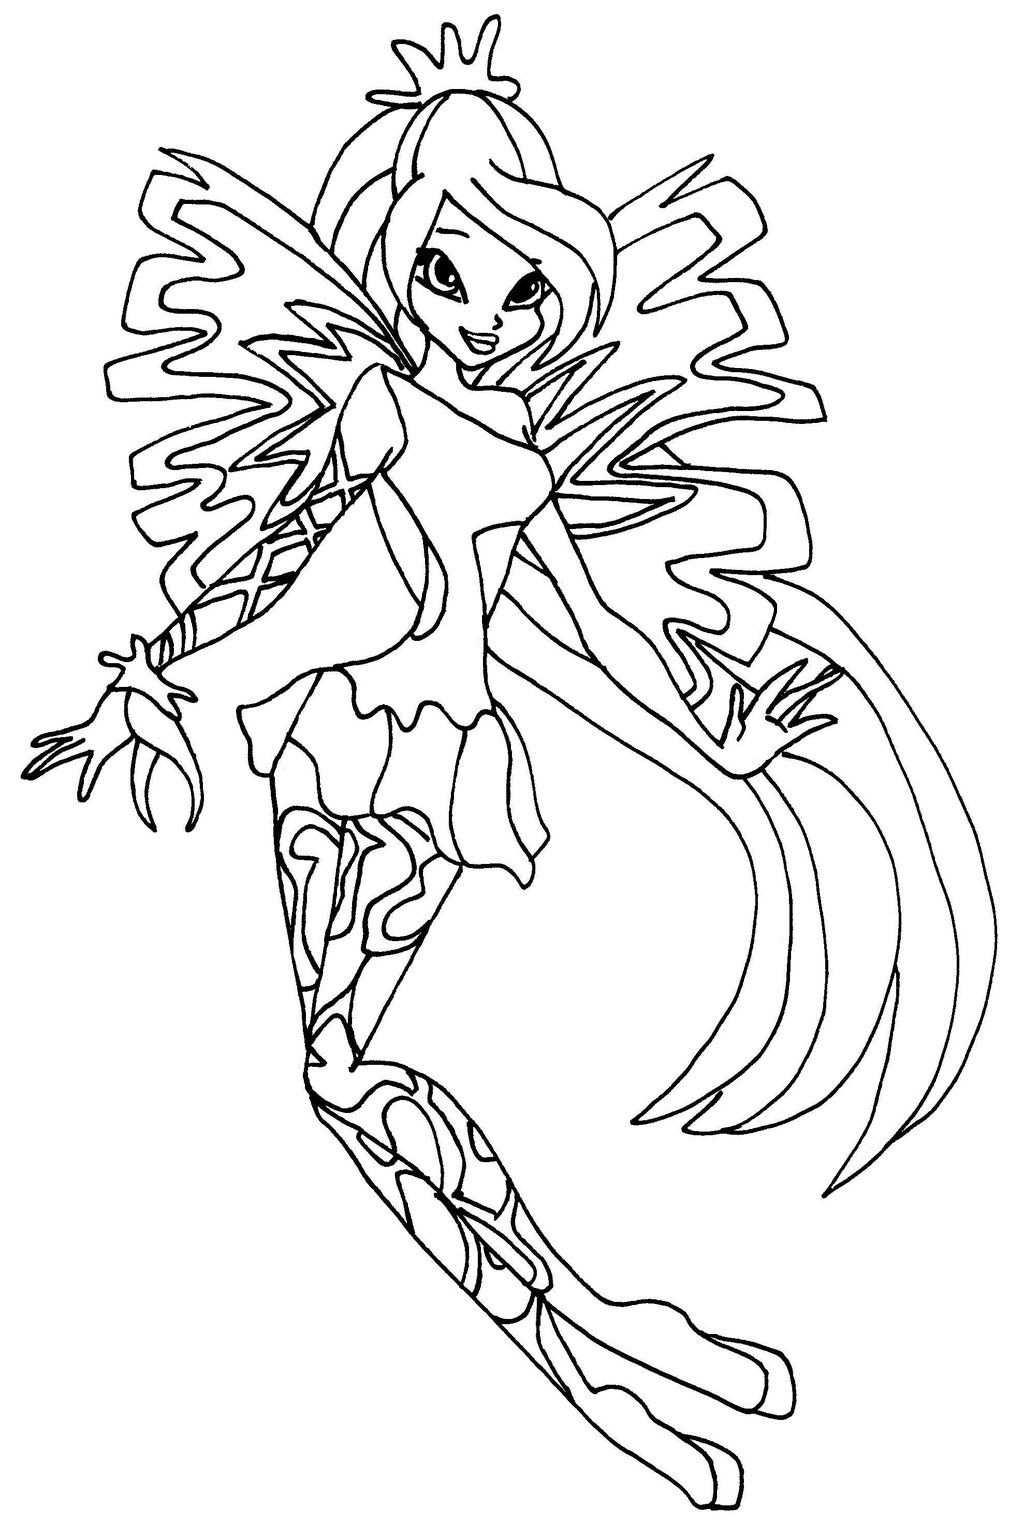 Winx Club Bloom Sirenix Coloring Pages Fadas Colorir